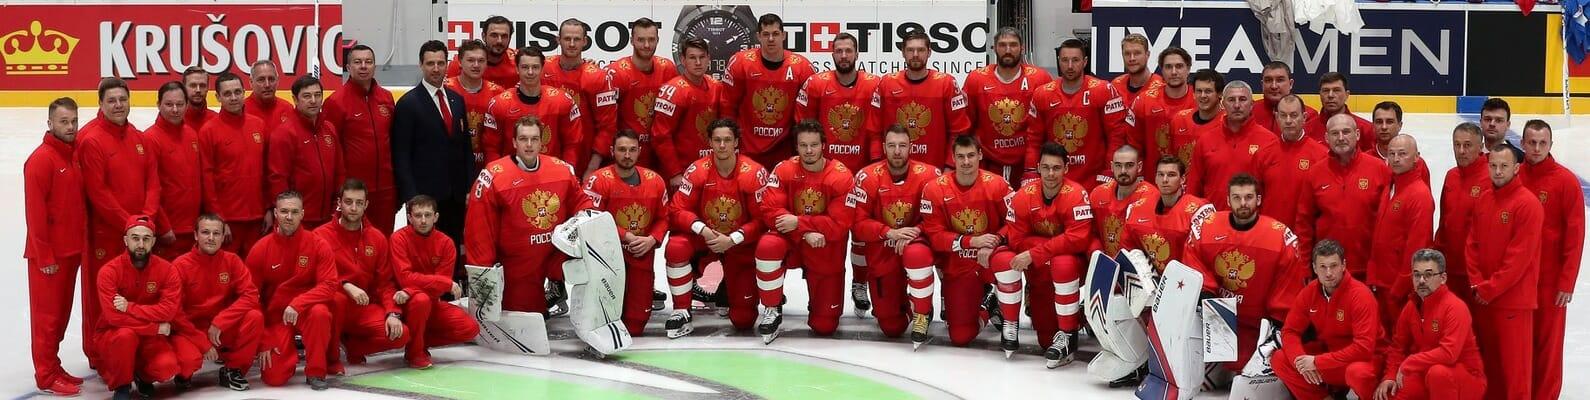 Тест: Всех ли хоккеистов сборной России вы знаете в лицо?